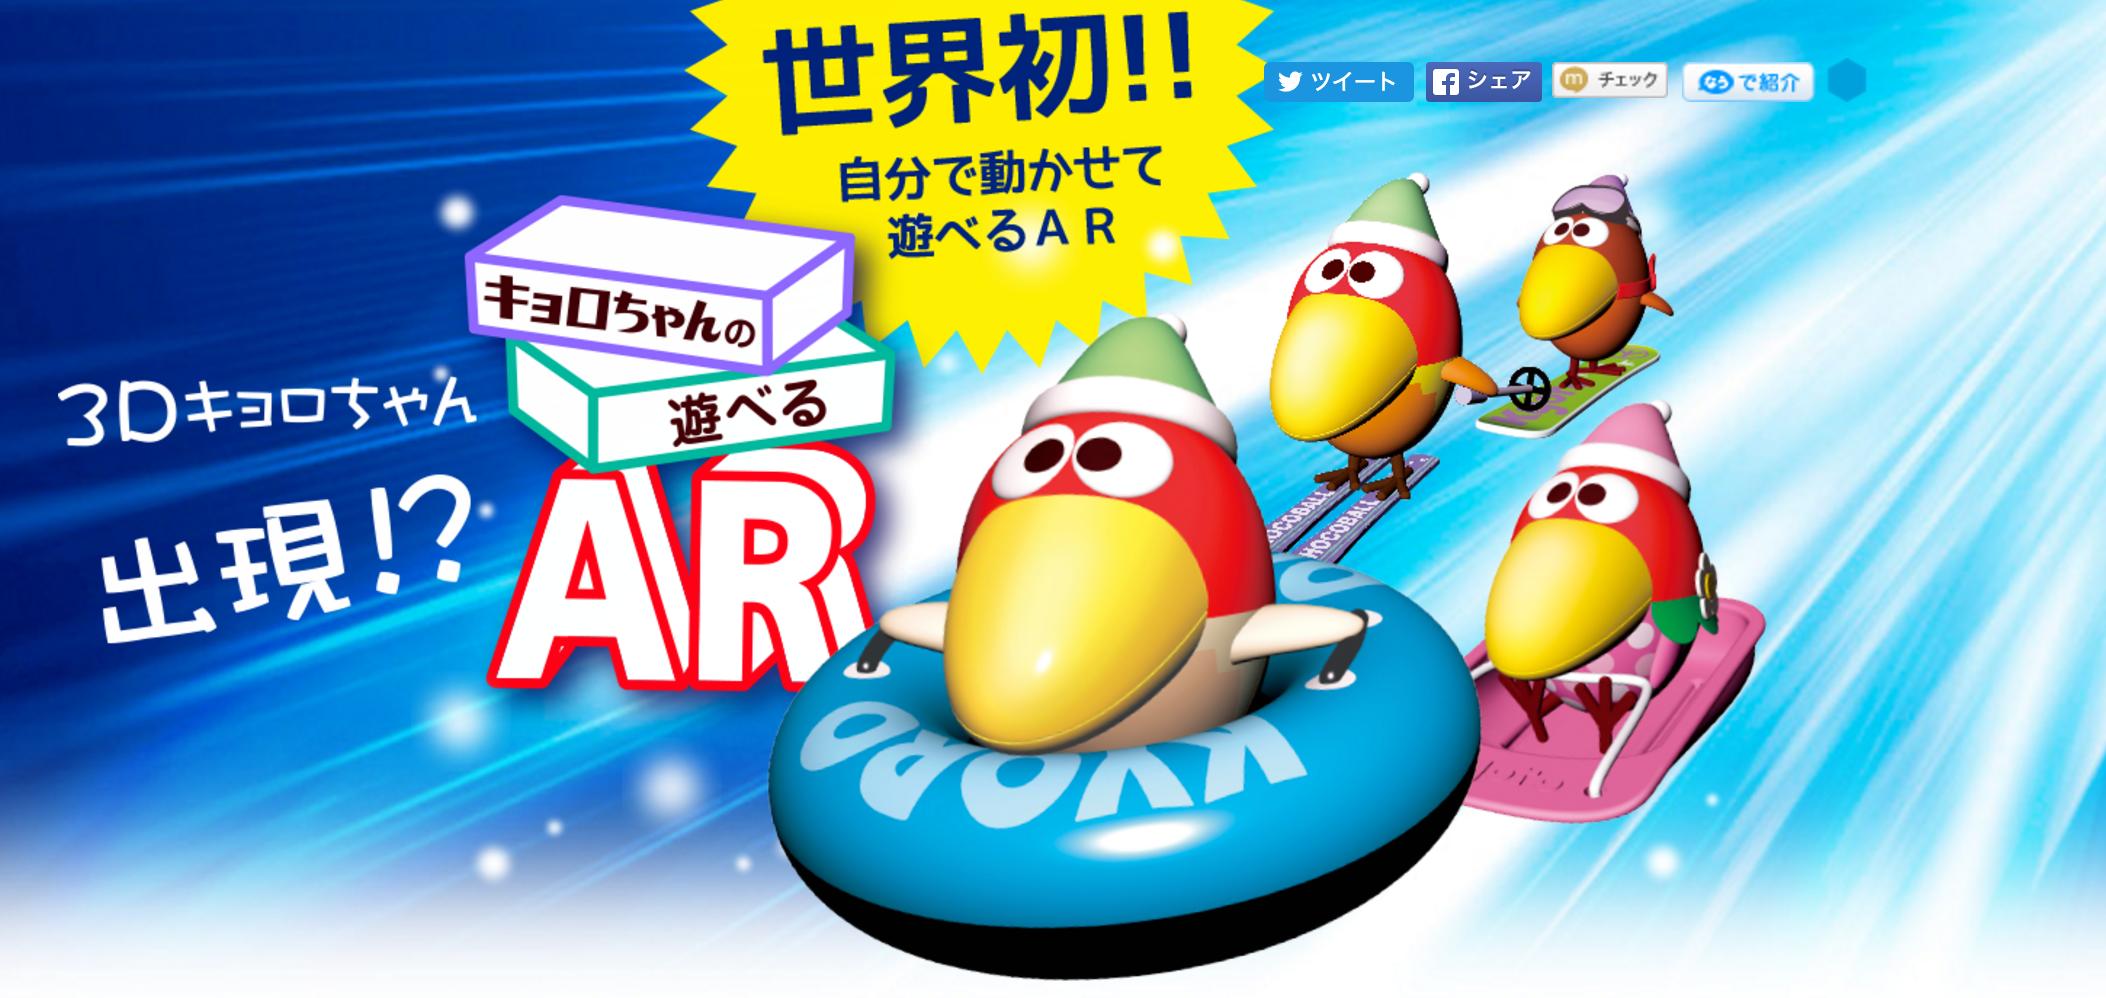 キョロちゃんのARアプリ